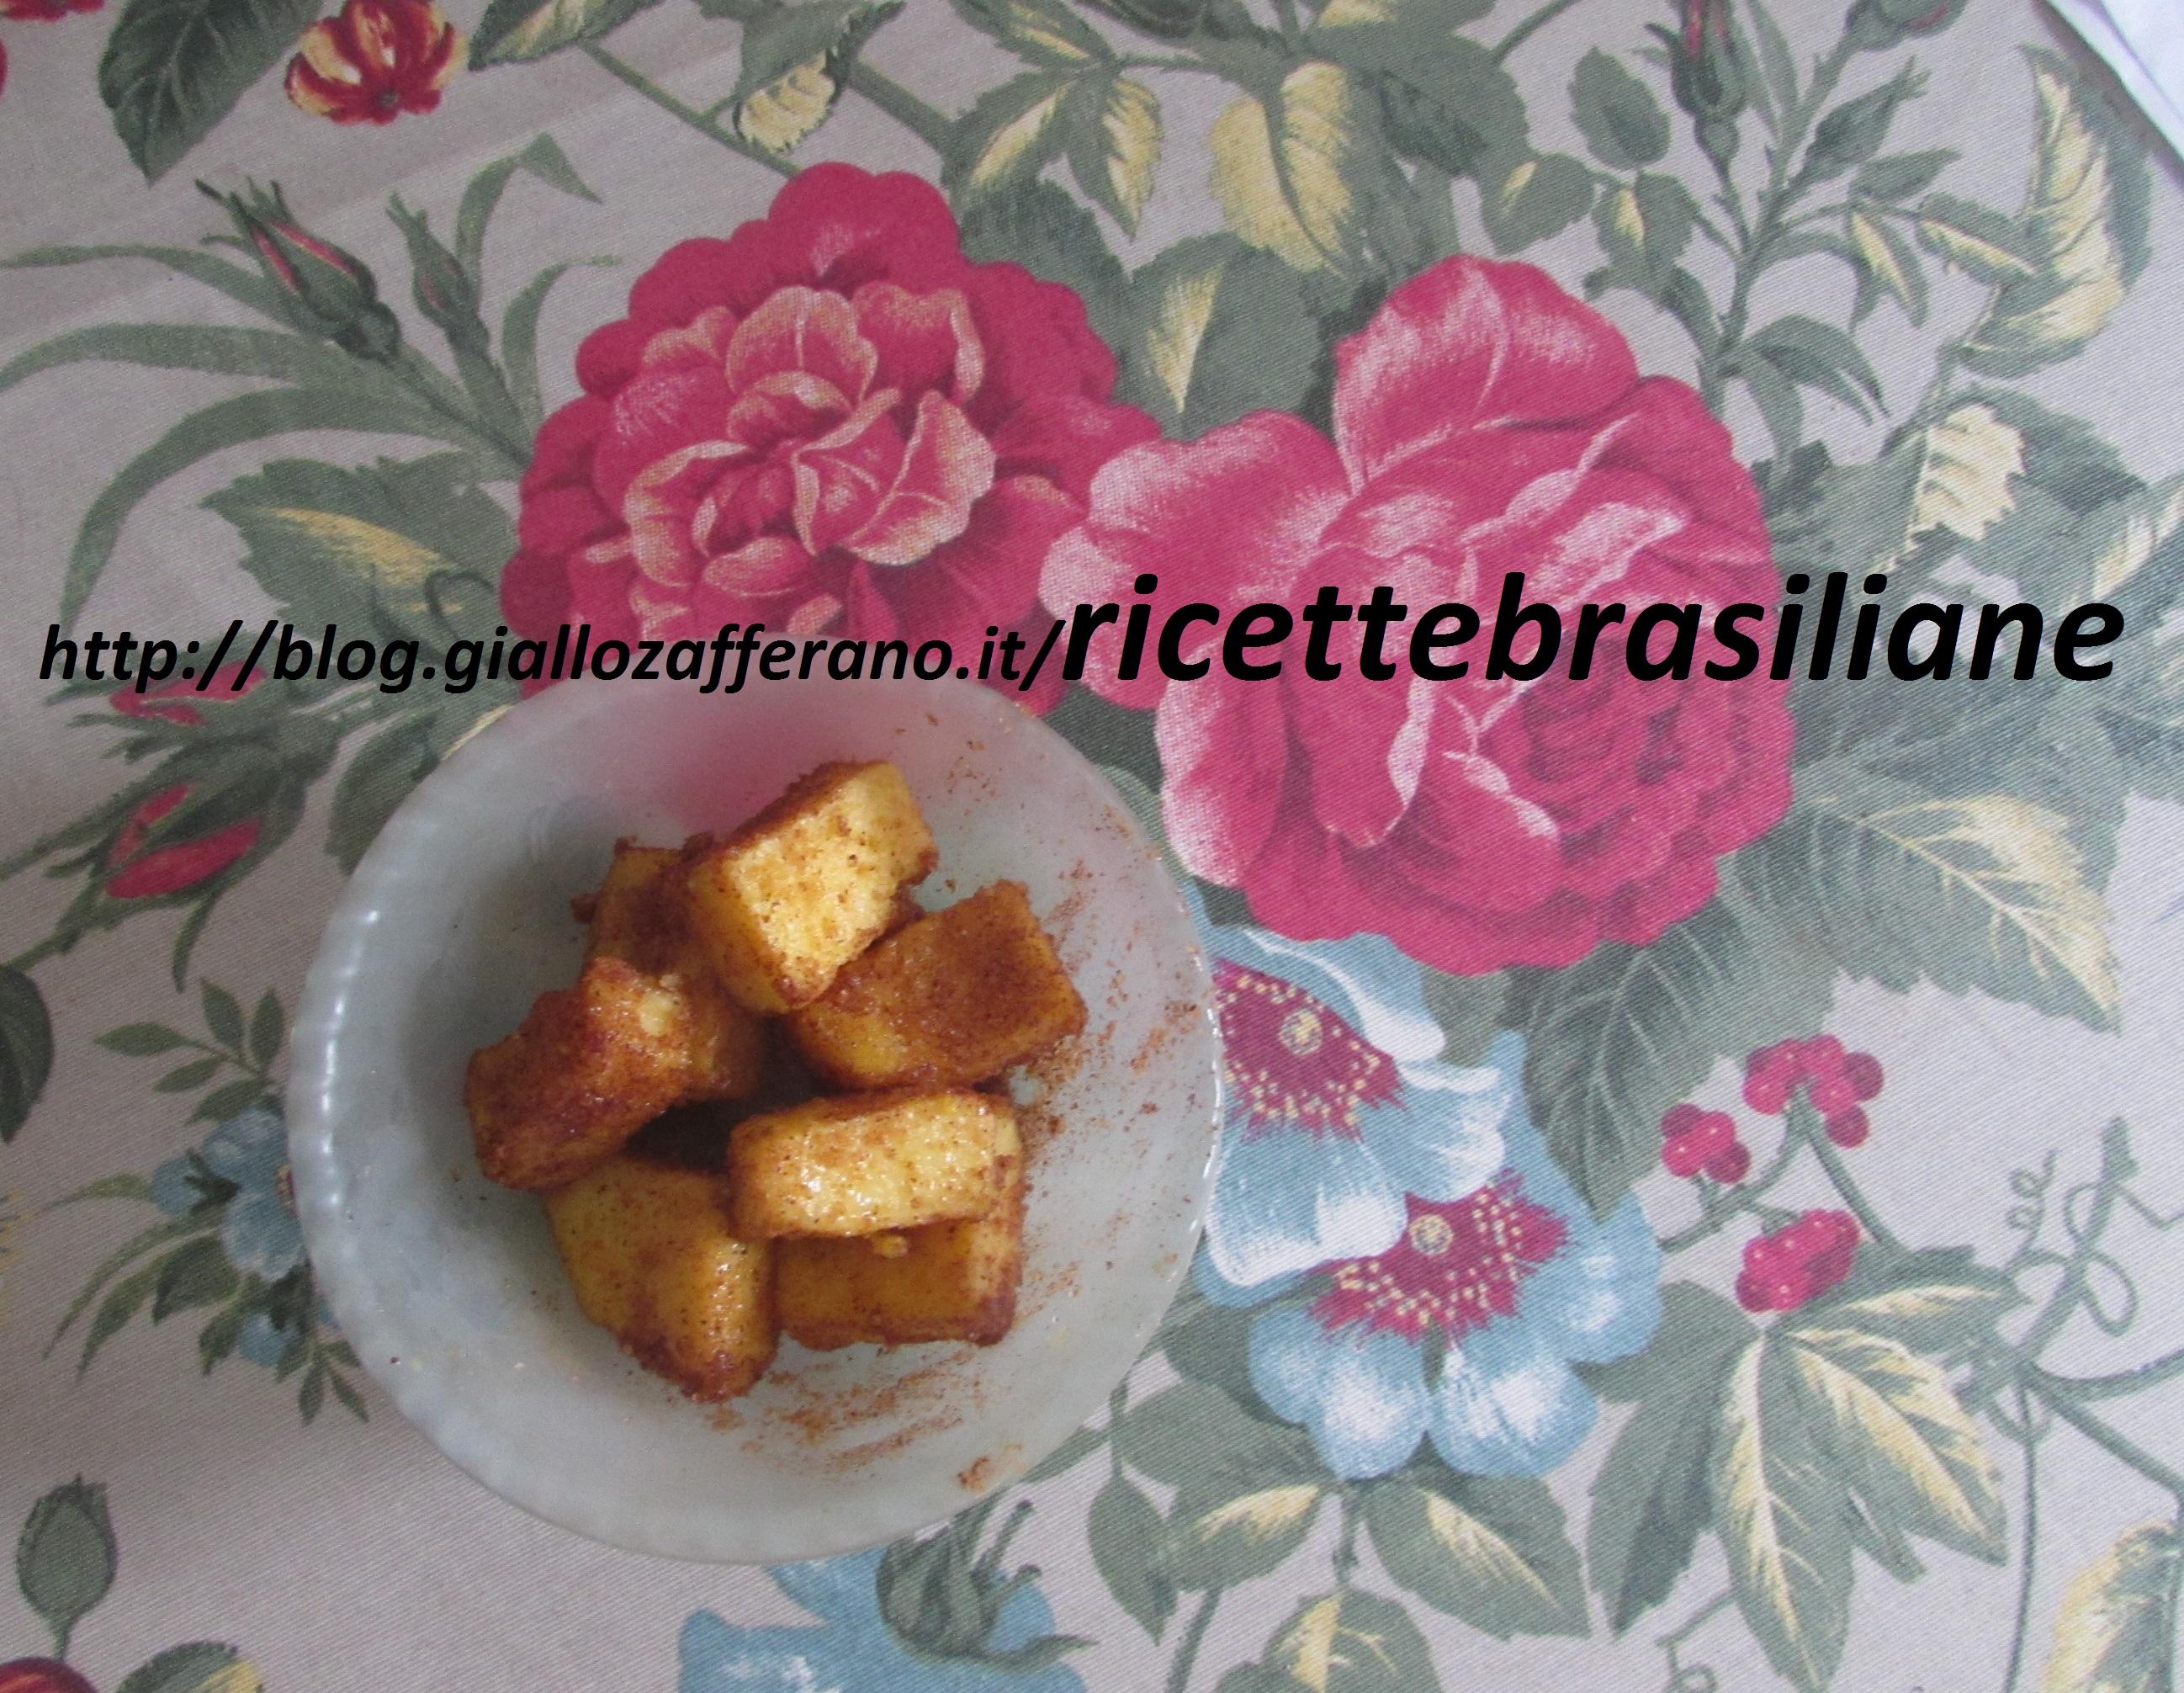 Polenta con zucchero e cannella, ricette brasiliane